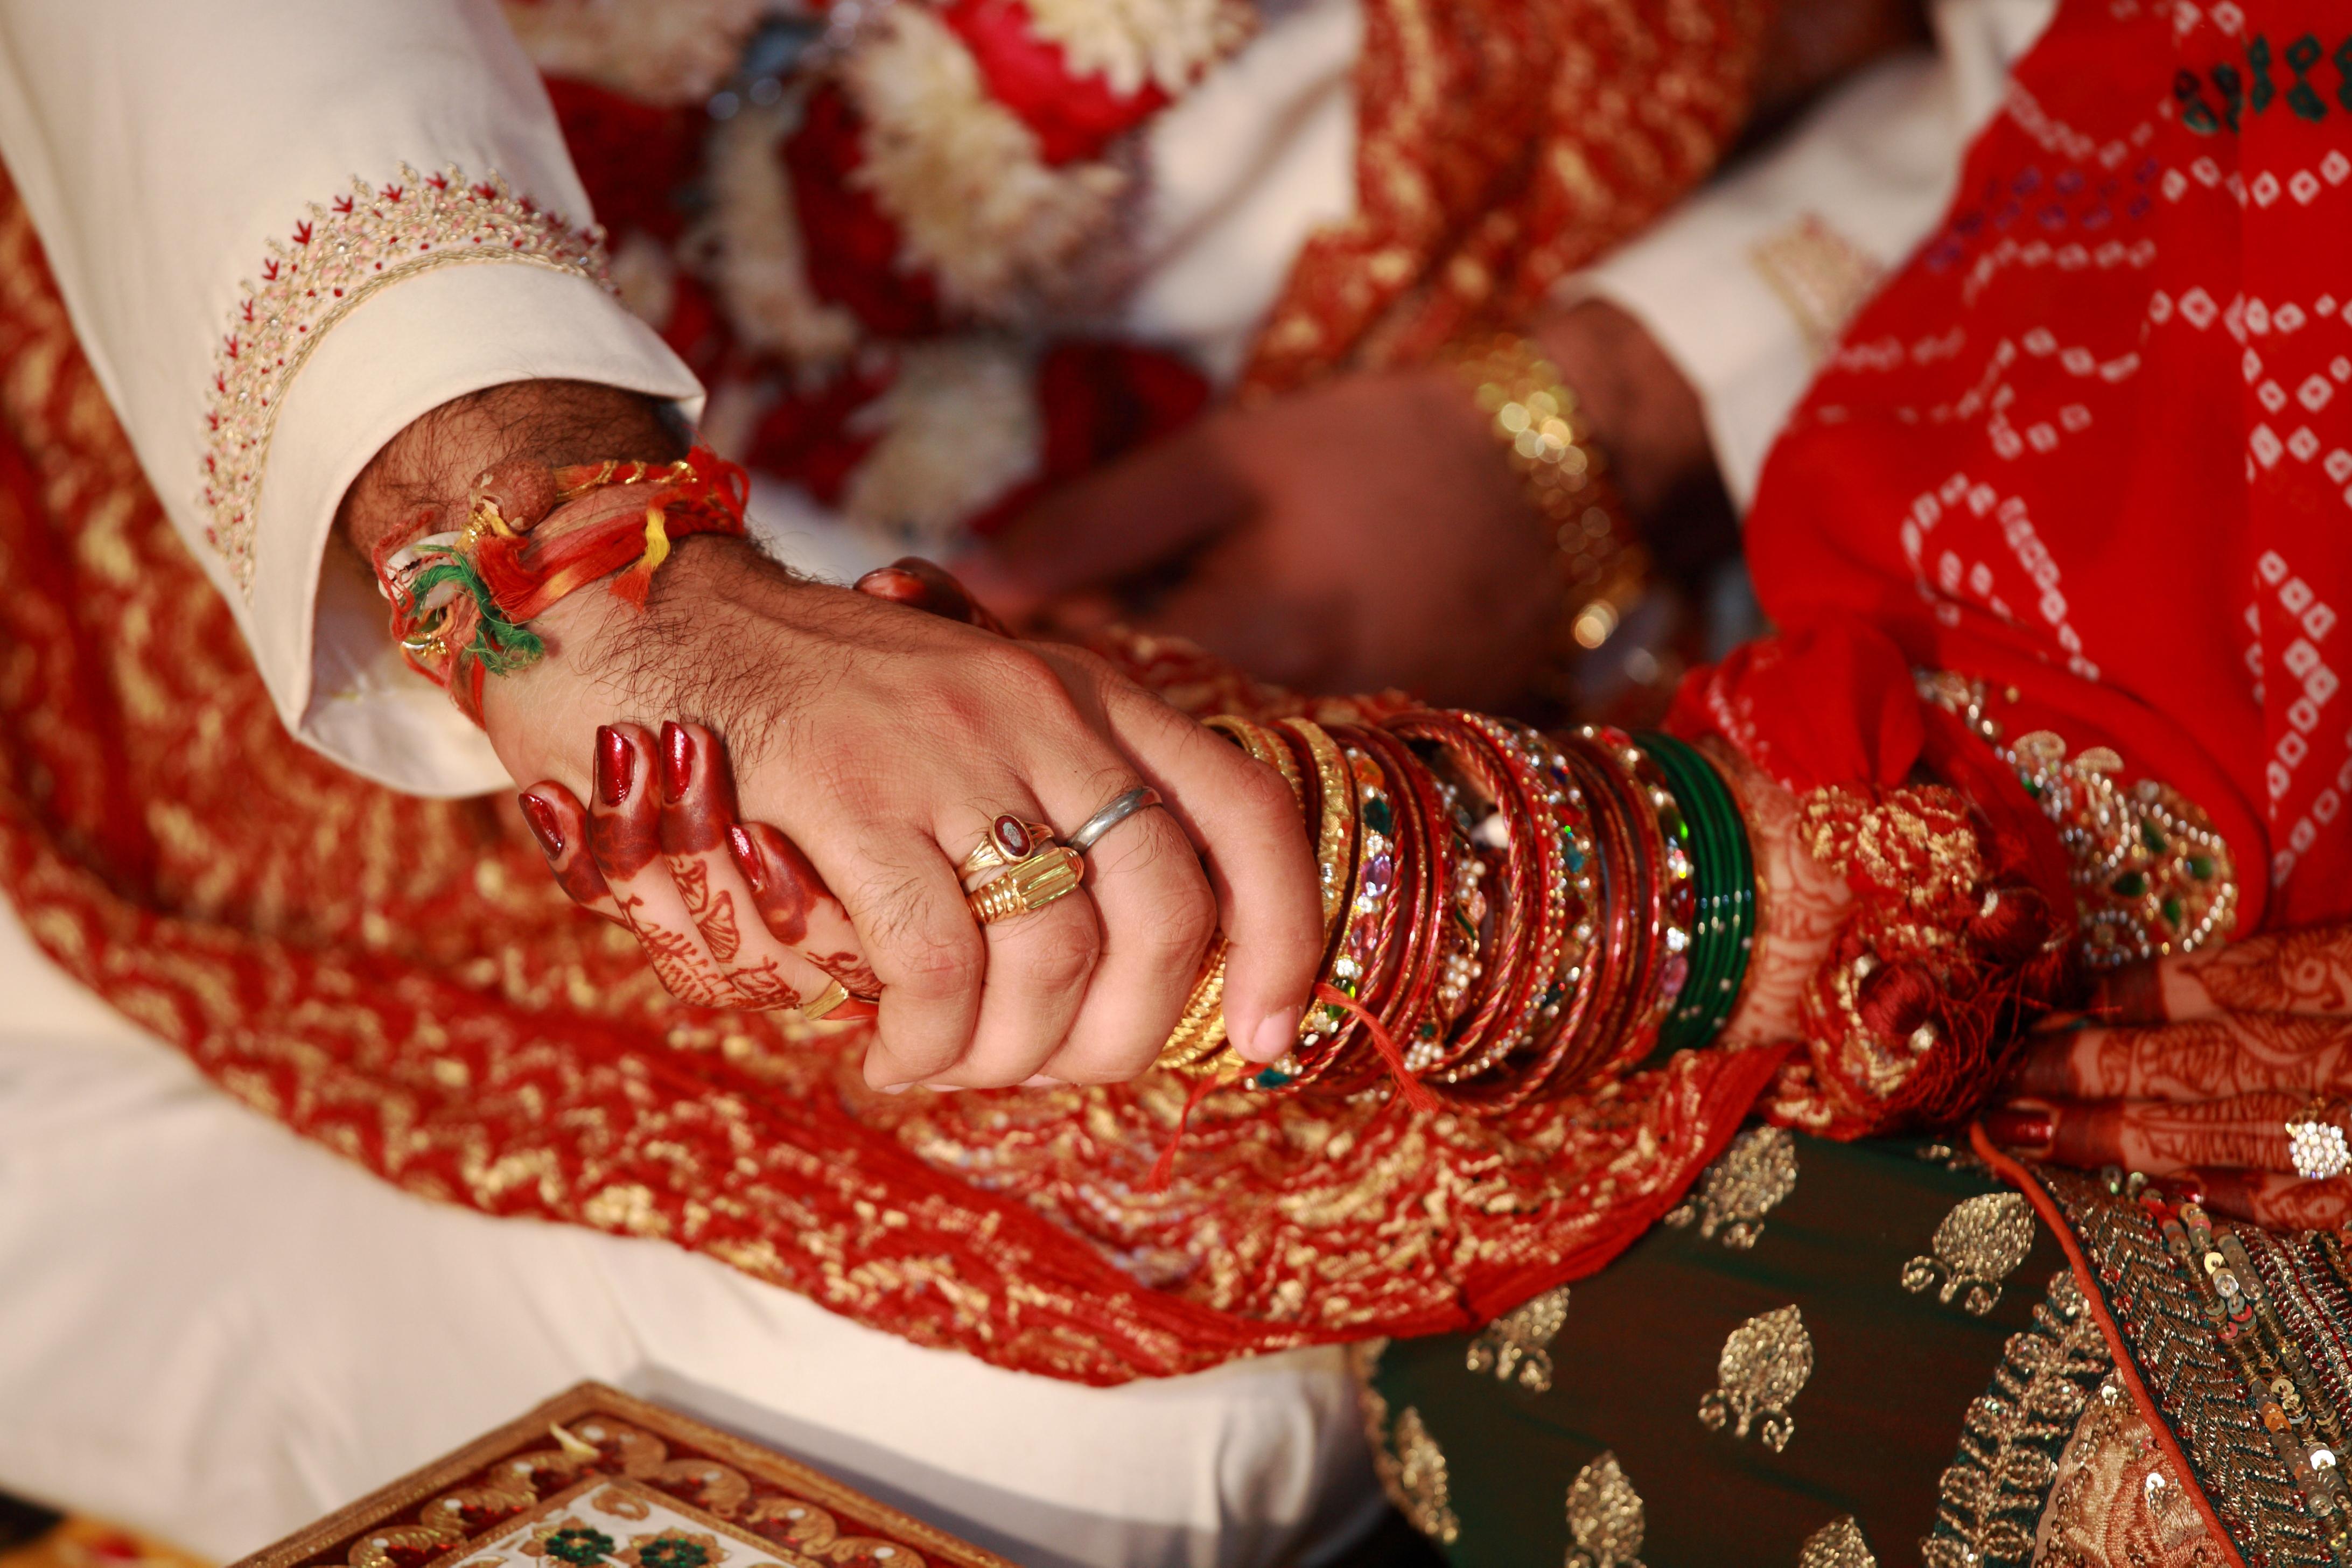 સો વર્ષ બાદ પહેલીવાર અખાત્રીજ પર નથી લગ્નનું મુર્હુત